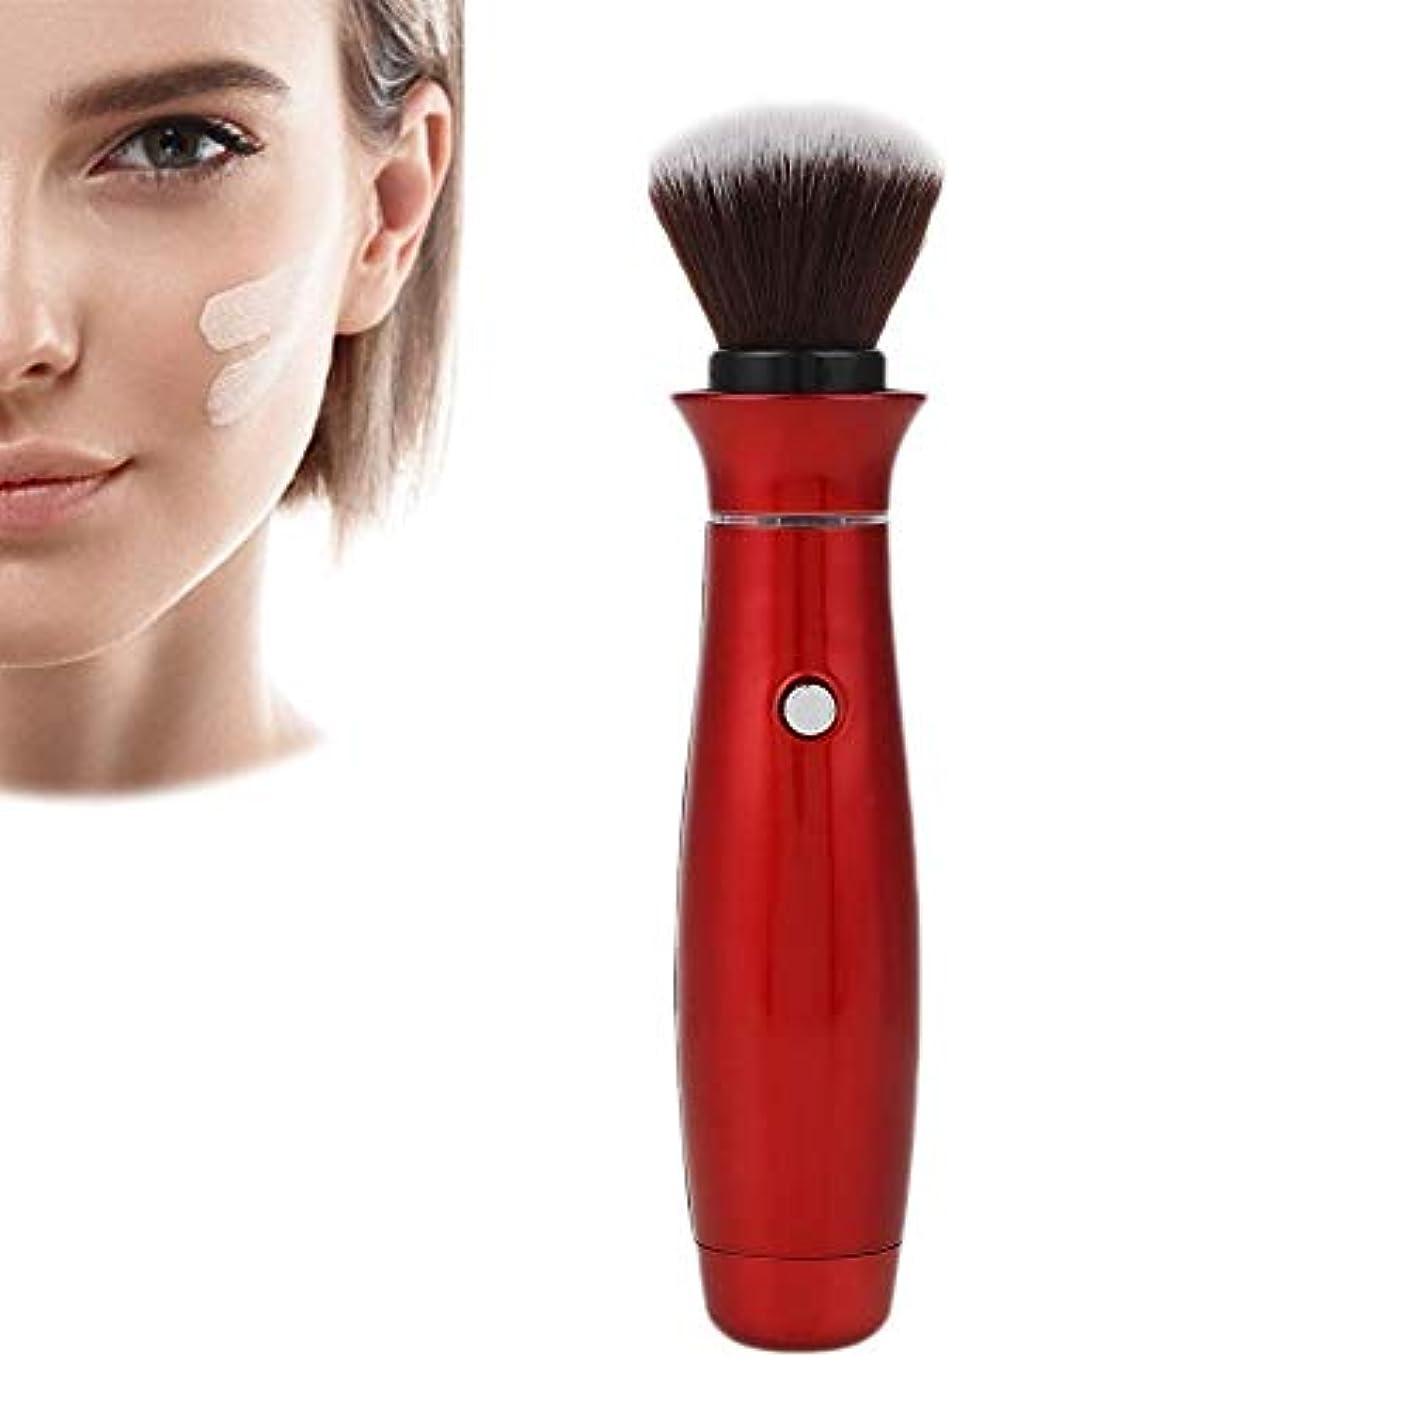 専門用語接続された姿勢新しい化粧ブラシフェイシャルマッサージブラシ電気クリーニングブラシウォッシュブラシ美容メイクアップツール